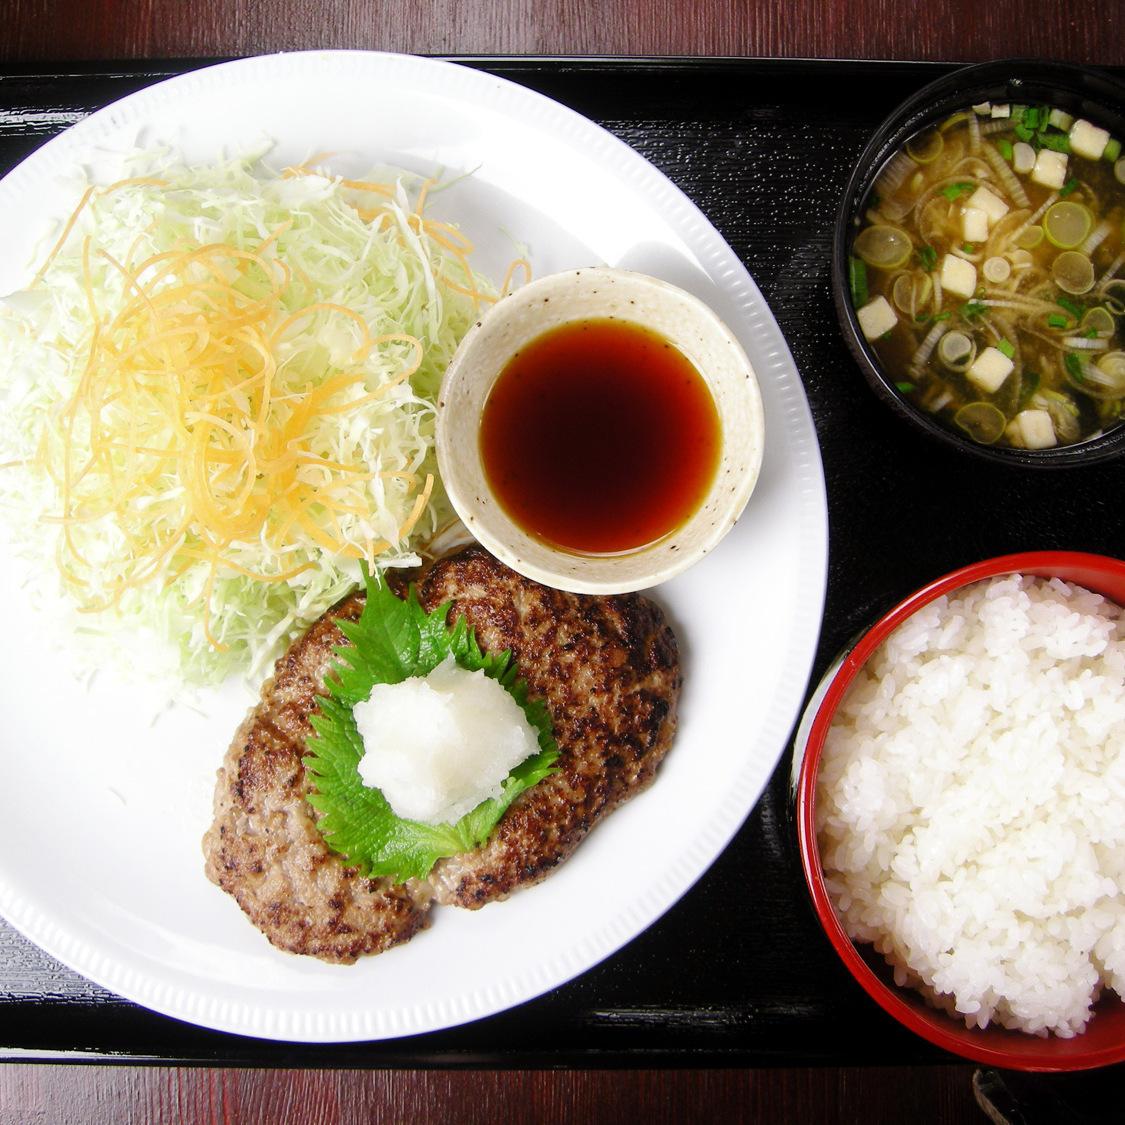 手作り手ごね和風おろしハンバーグ定食(250g)